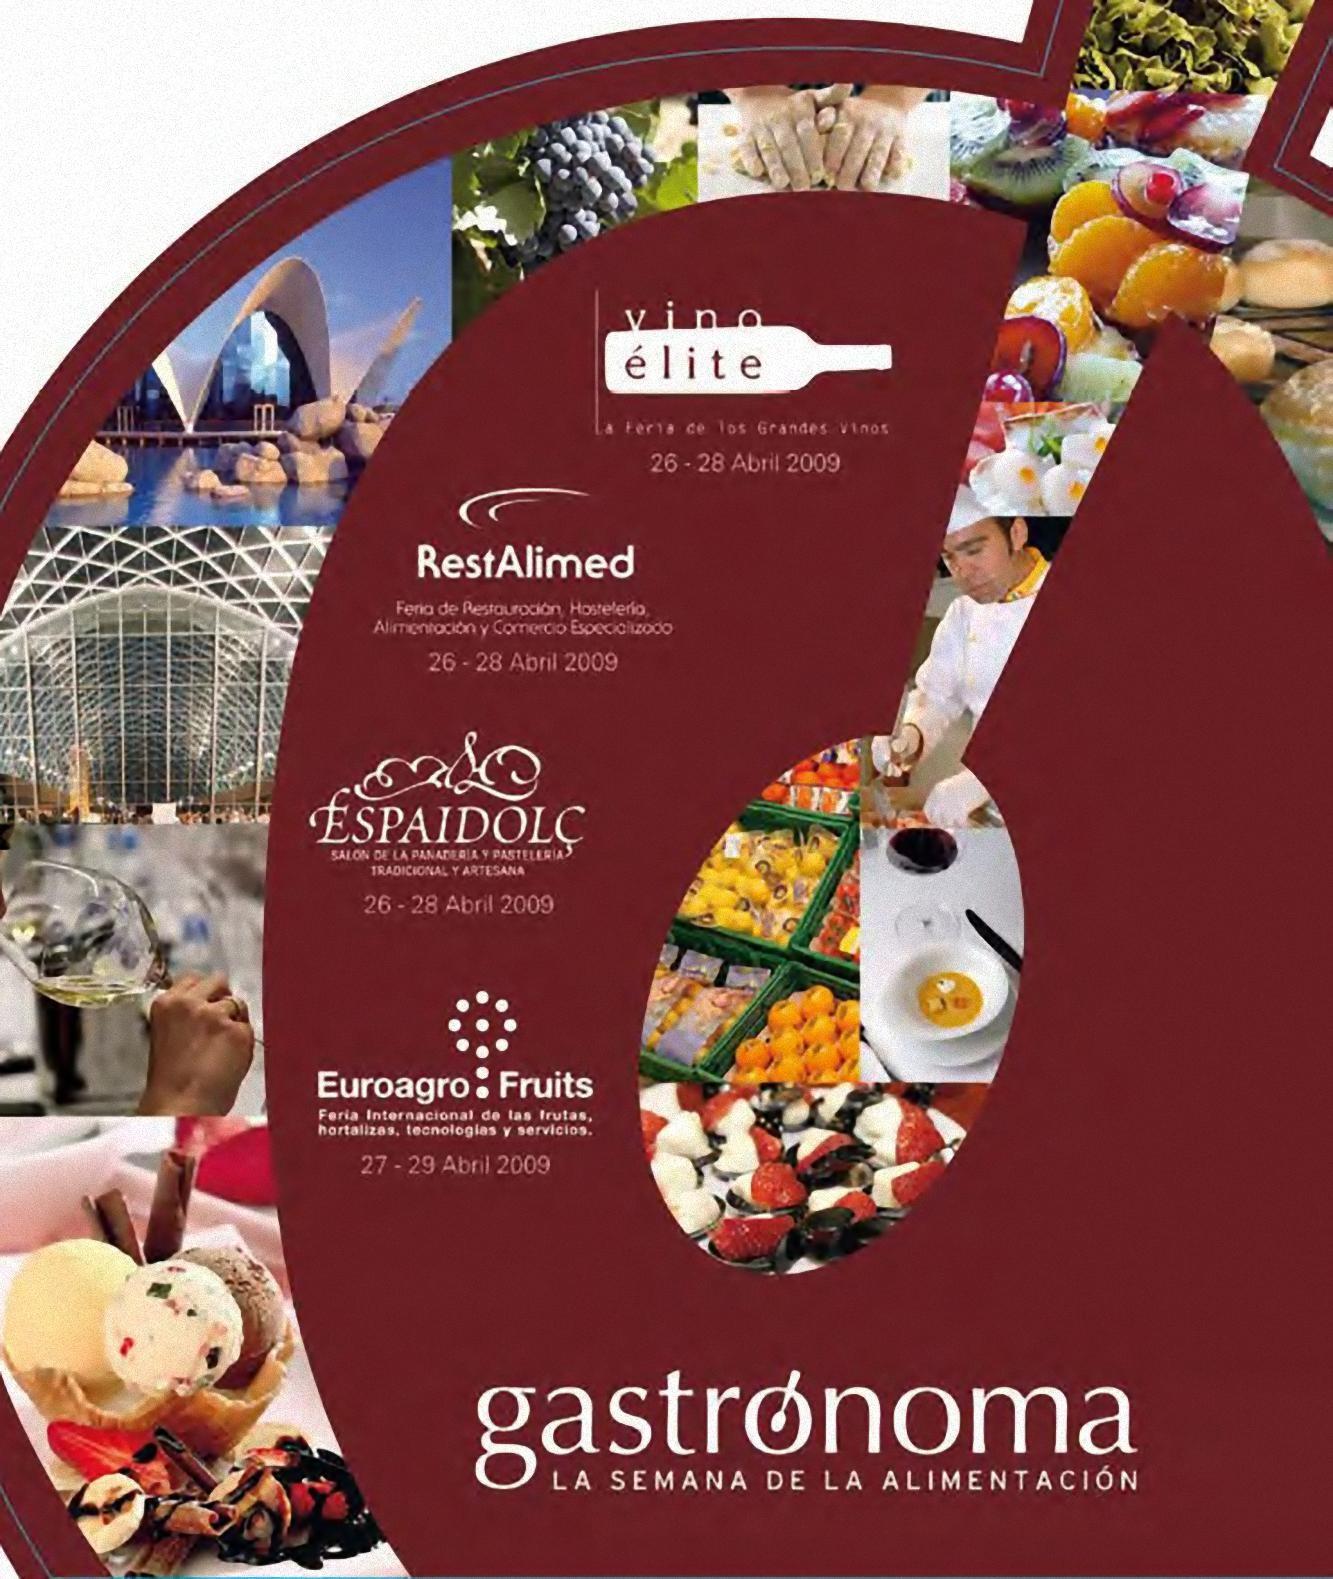 Gastrónoma, la semana de alimentación